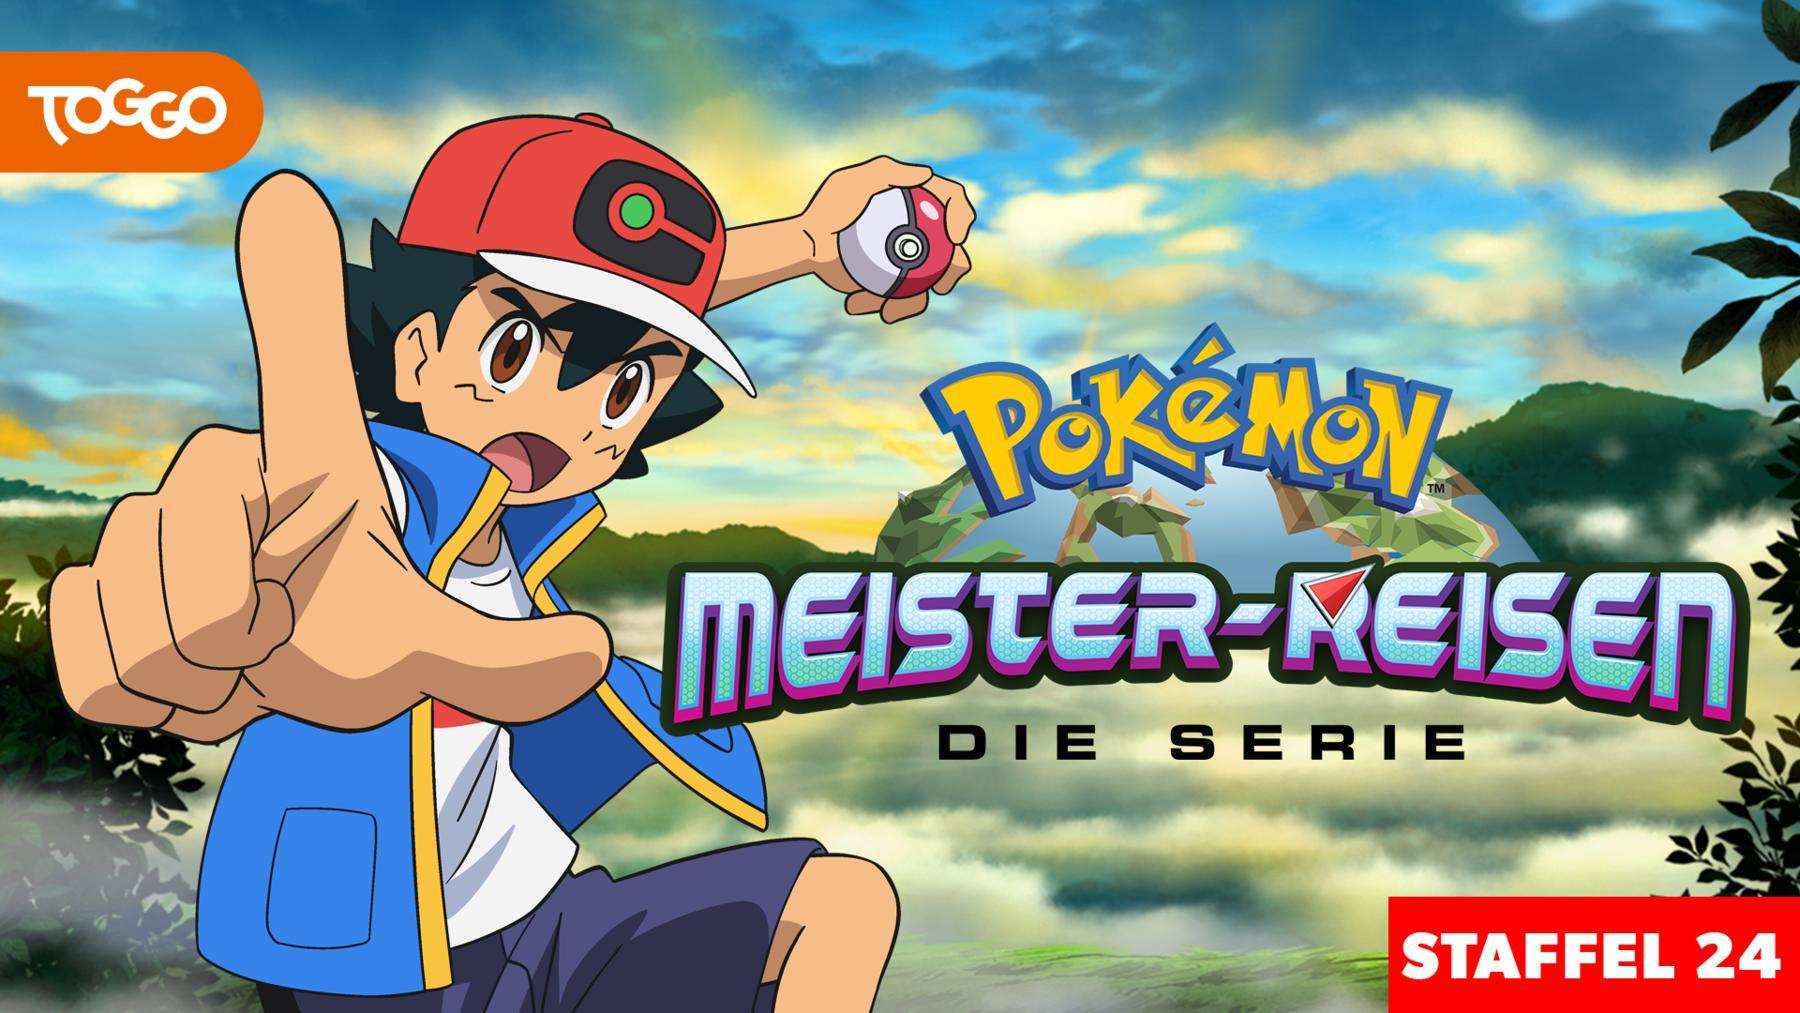 Pokémon Meister-Reisen: Die Serie / 24